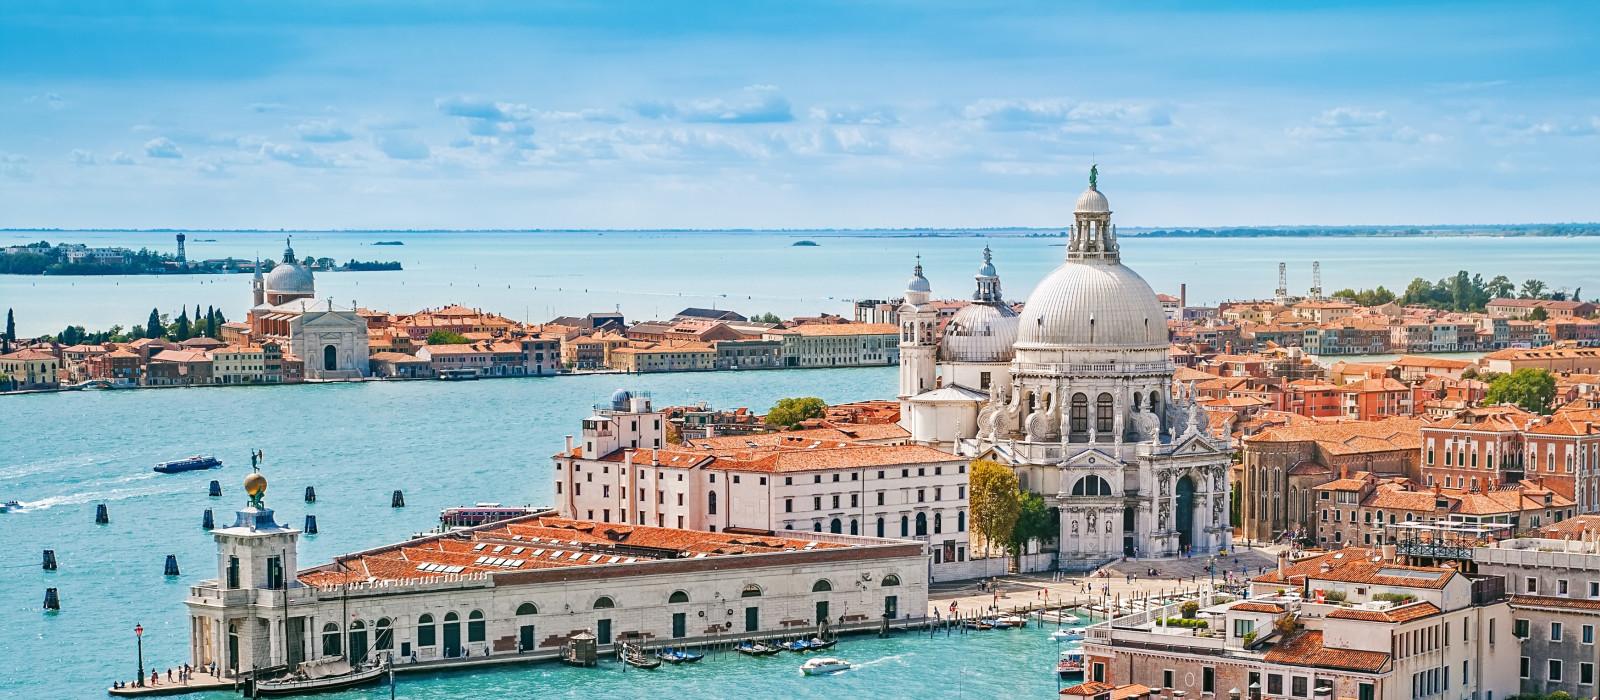 Panoramic aerial cityscape of Venice with Santa Maria della Salute church, Veneto, Italy